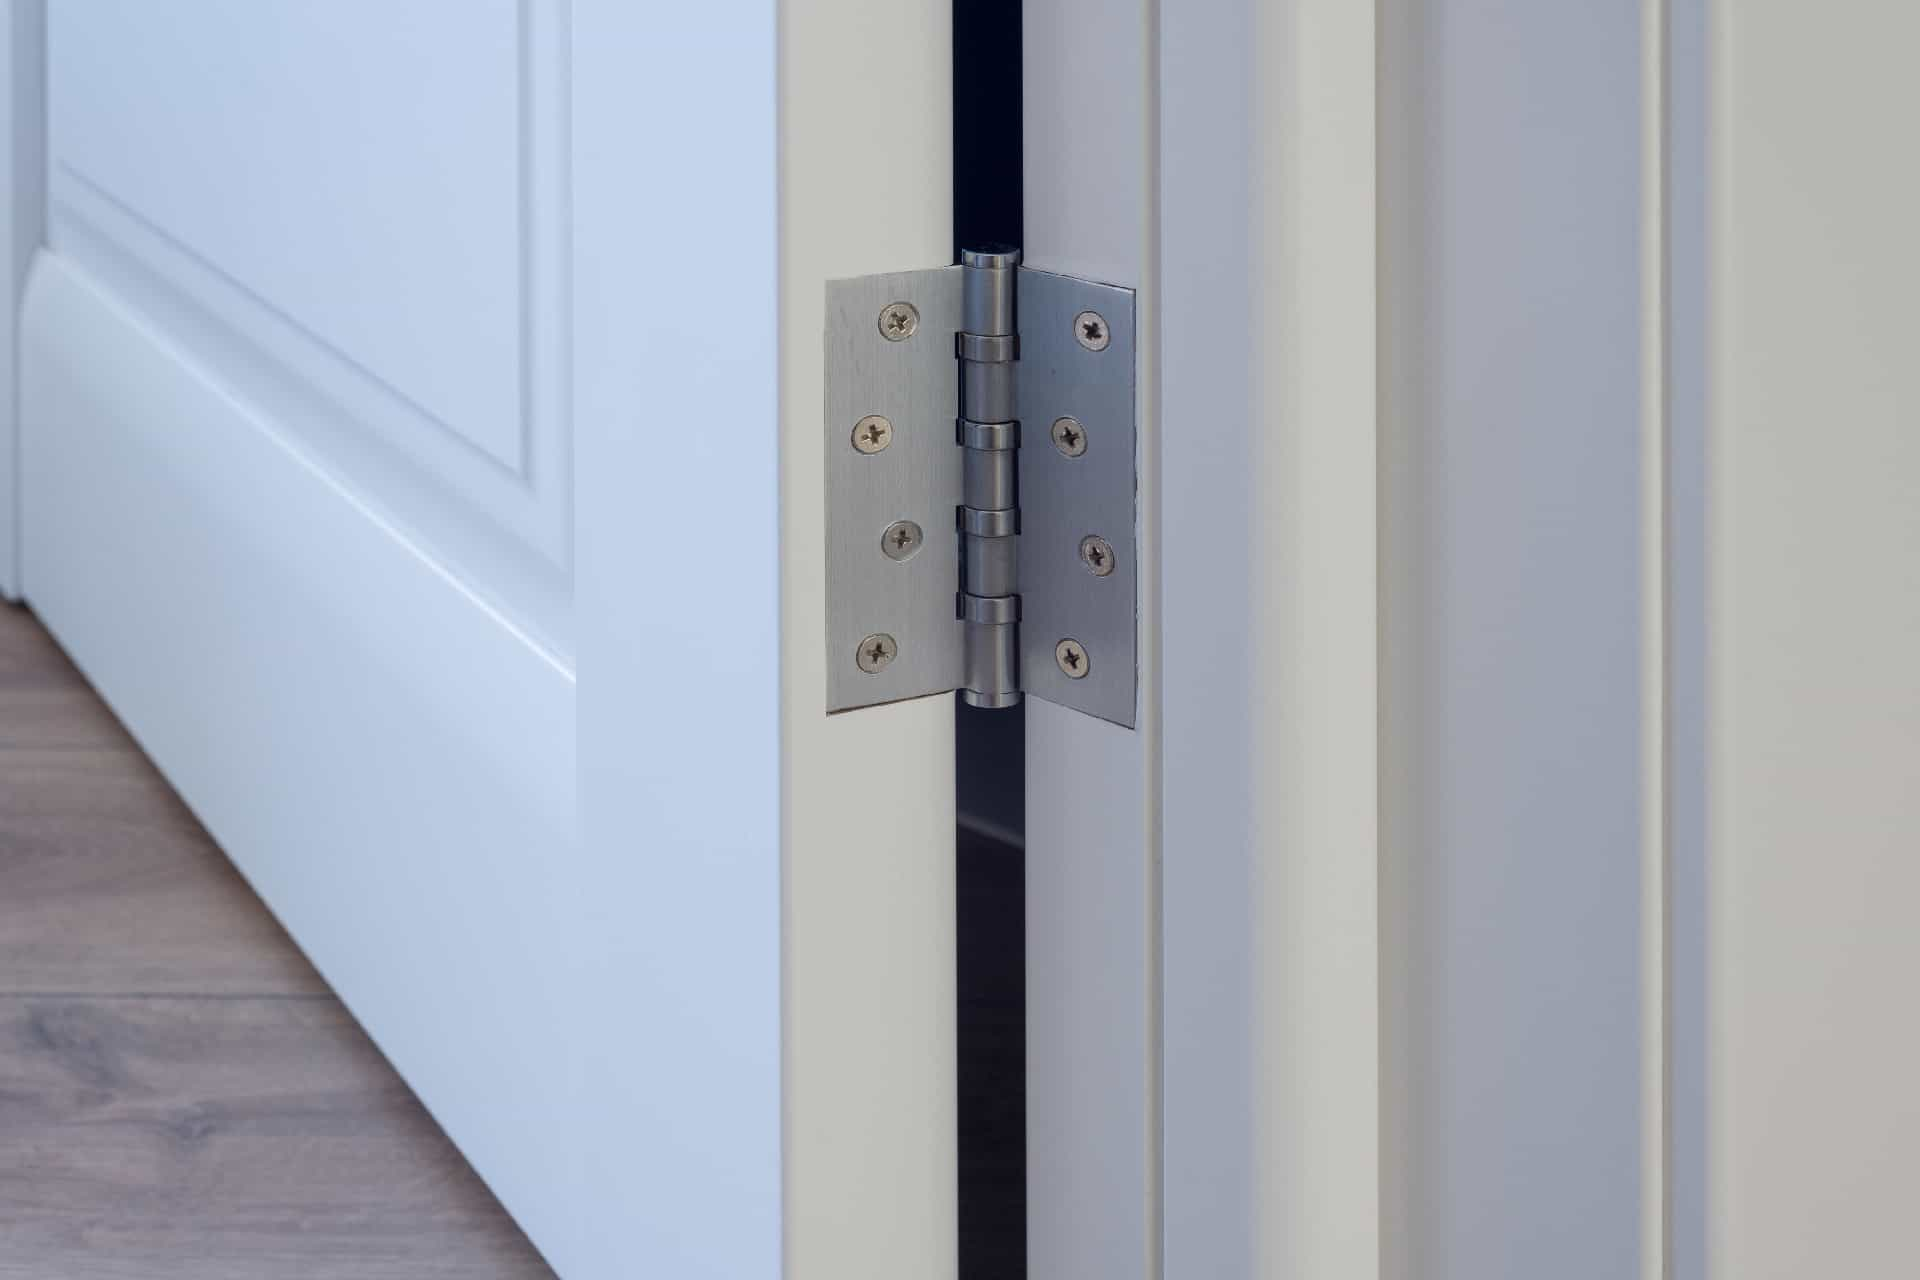 hvordan smøre dørhengsler